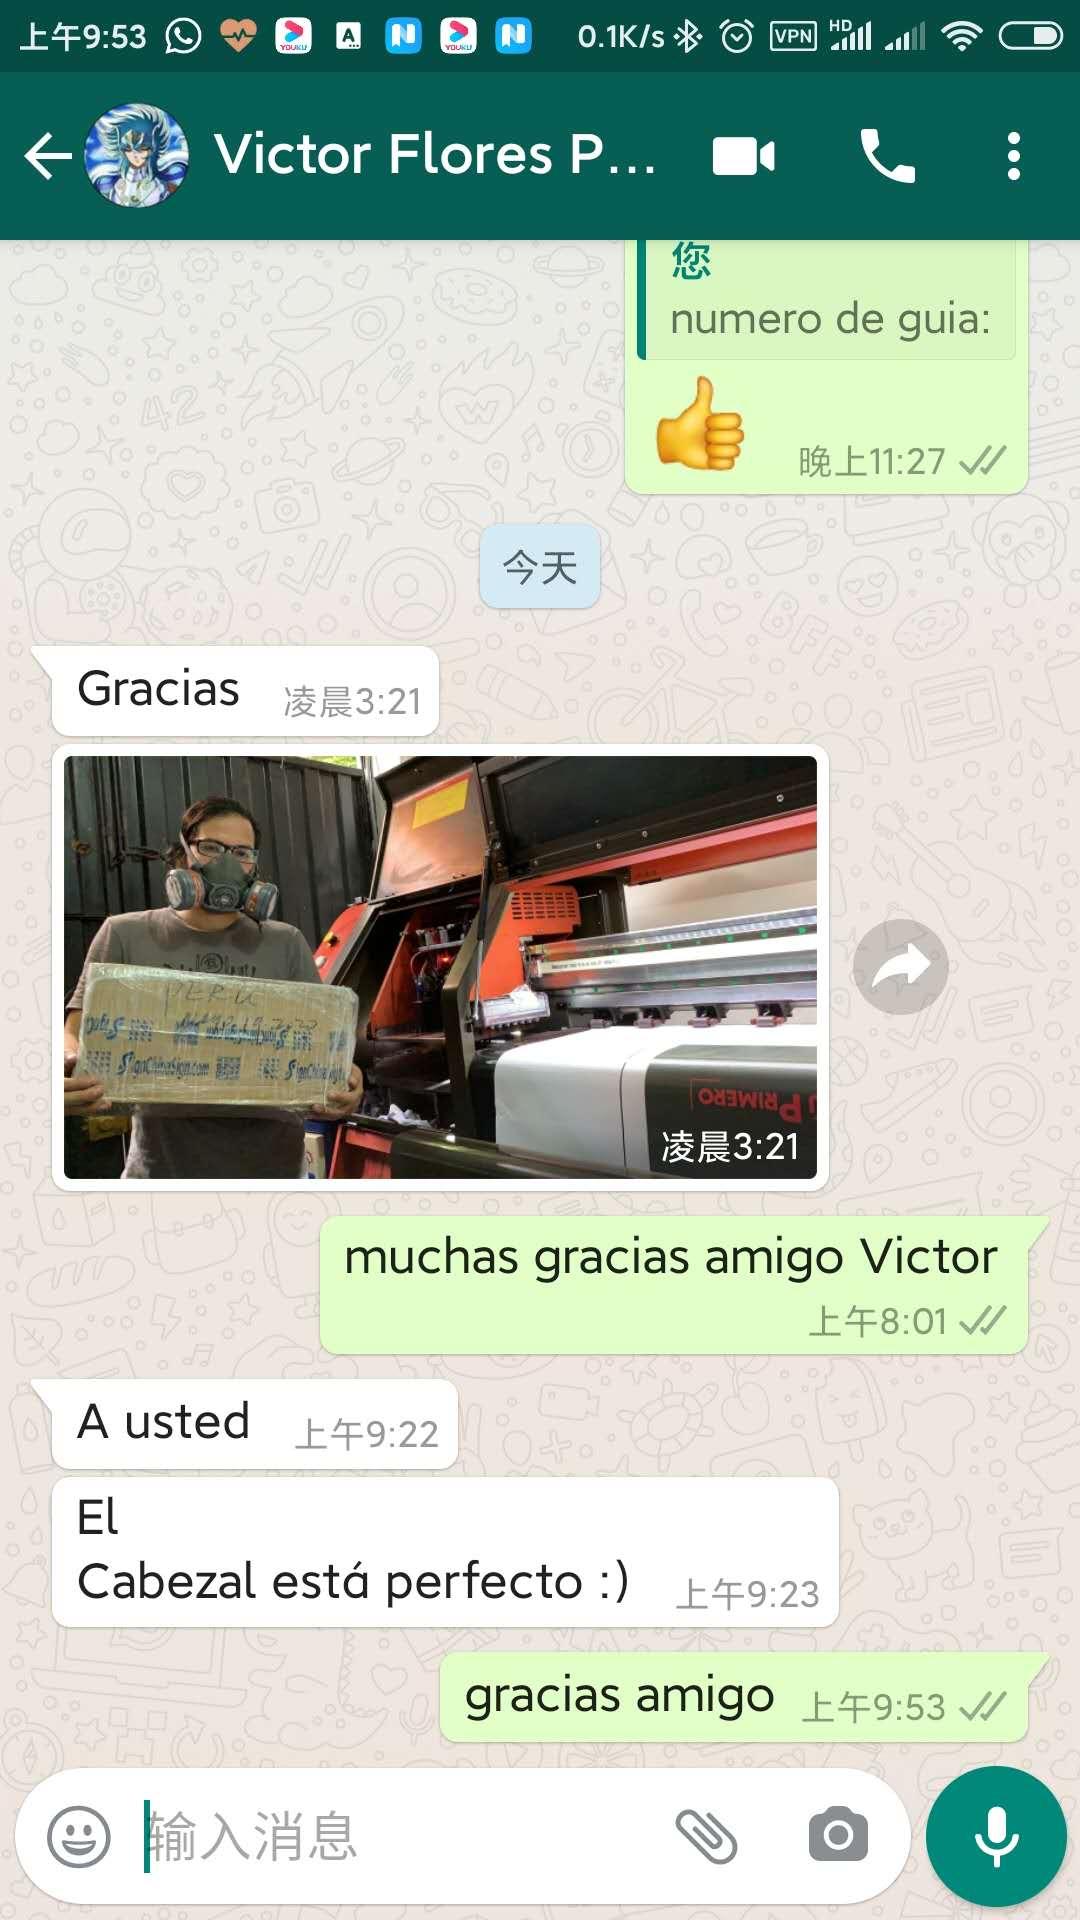 Peru-SR.Victor Flores-Repuestos de Plotter